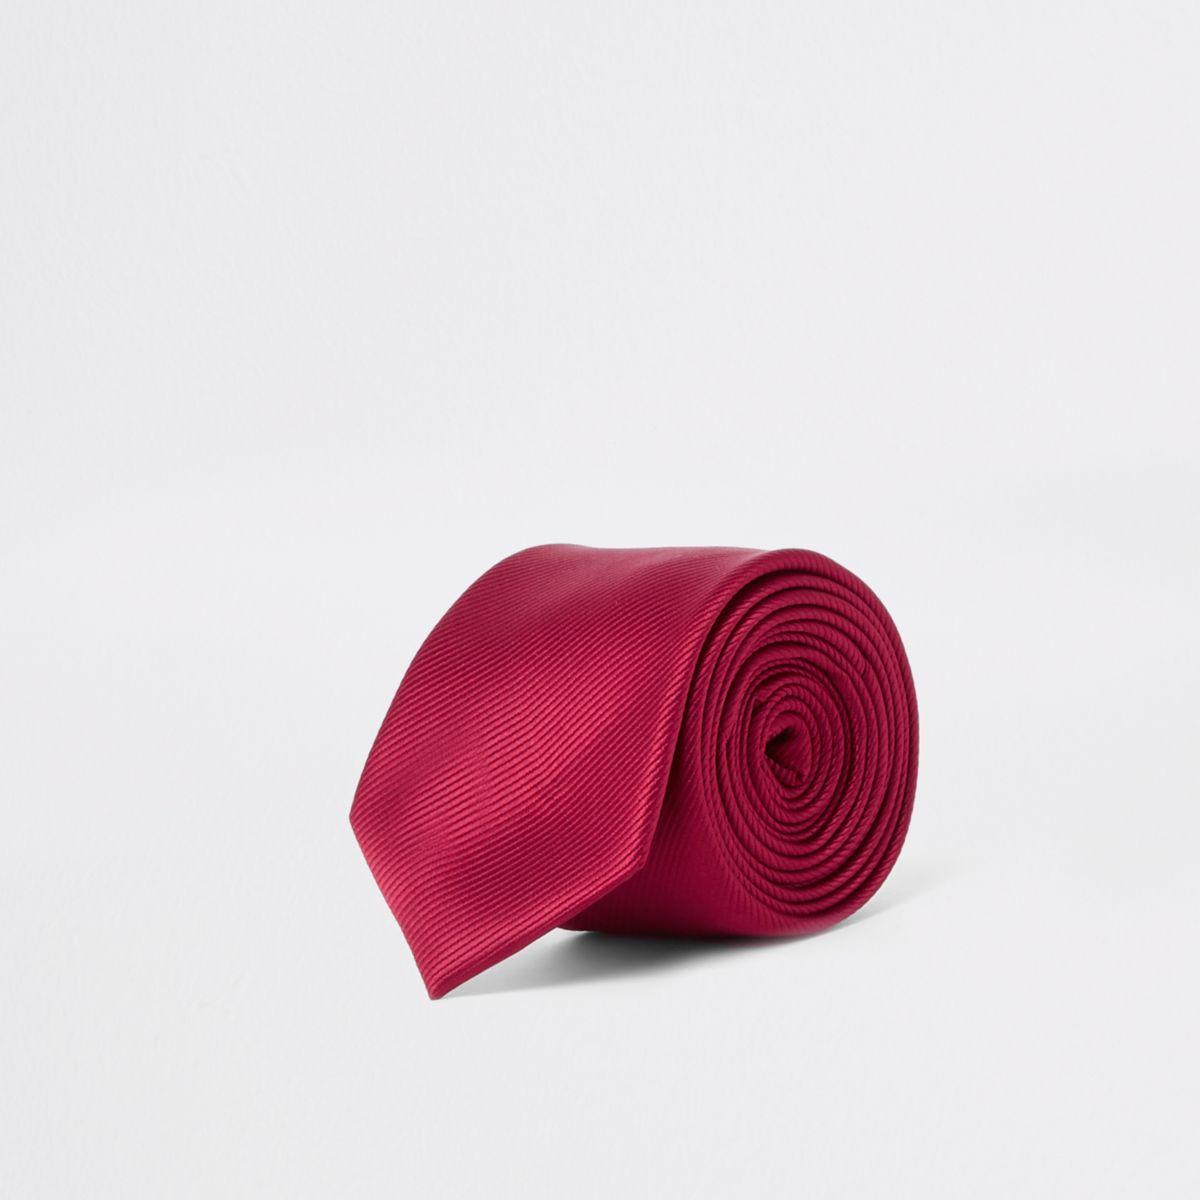 Red twill textured tie